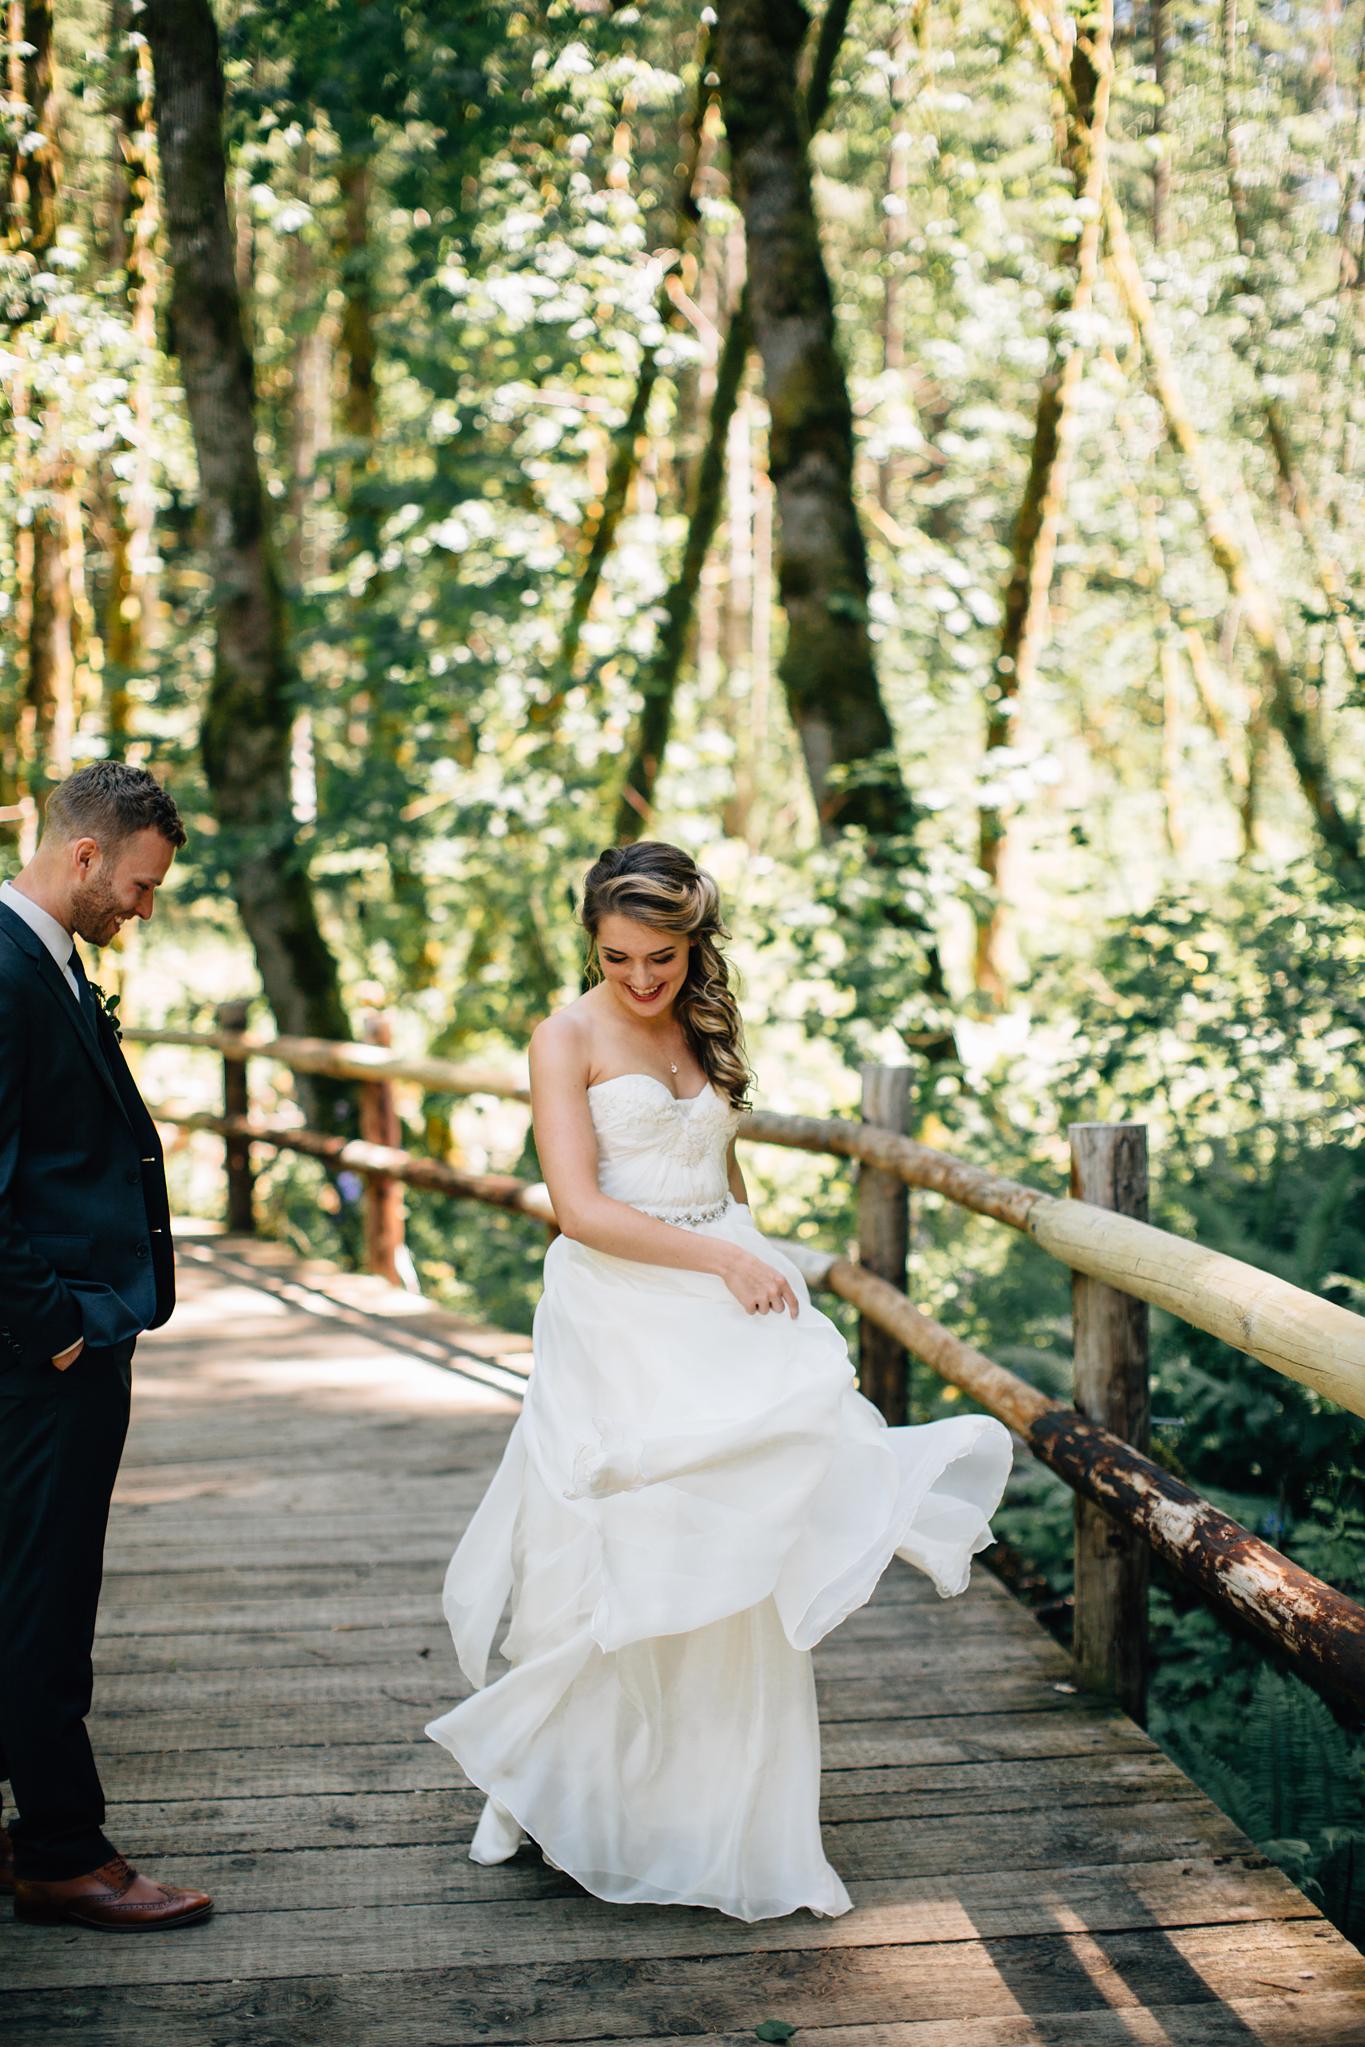 bride's wedding dress with floral belt